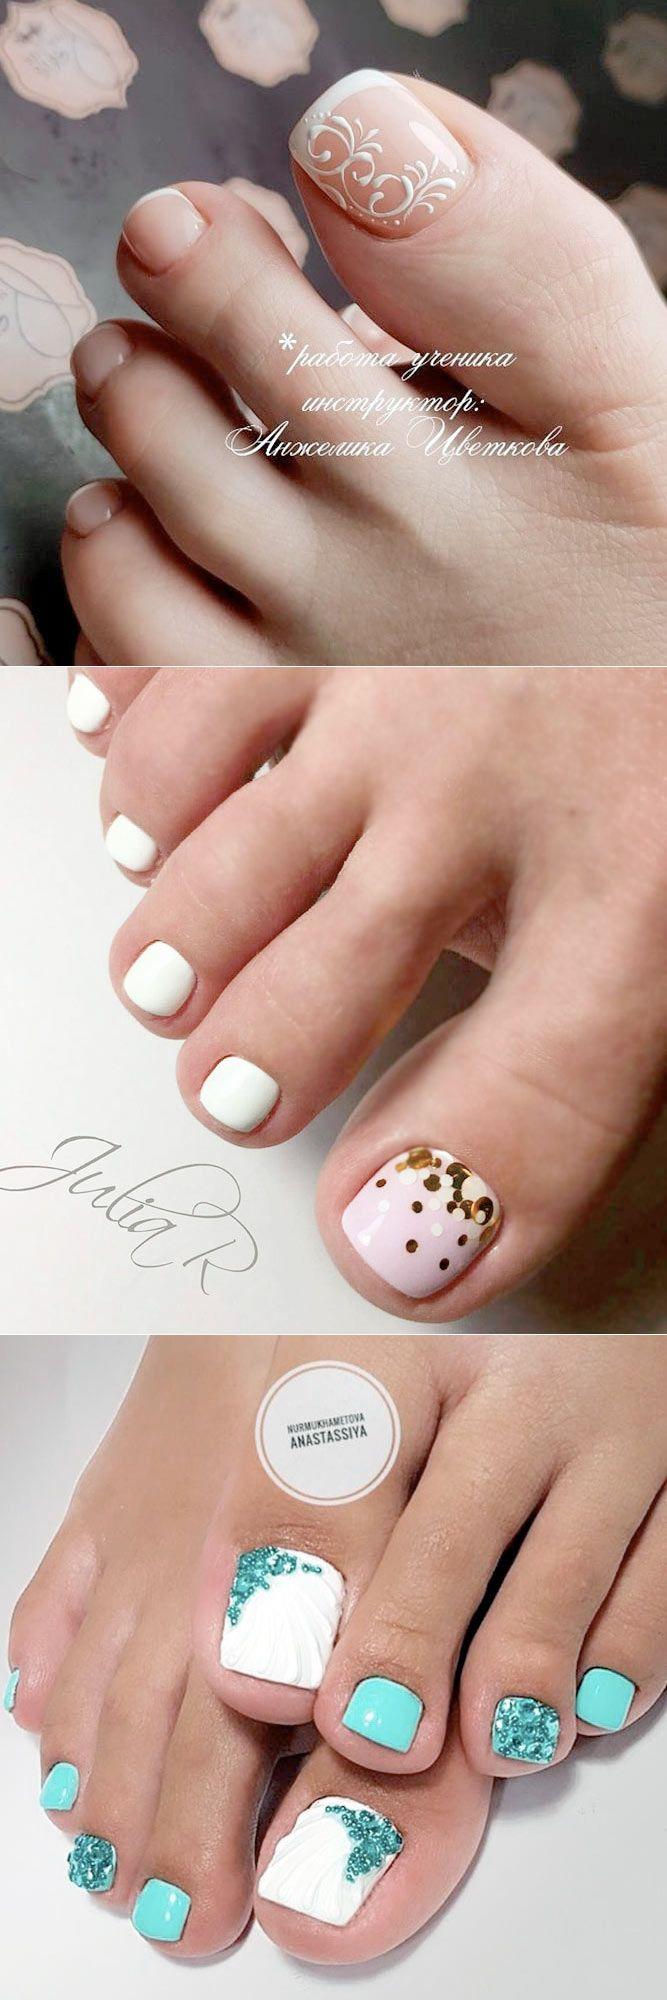 21 Amazing Toe Nail Colors to Choose This Season   Orange nail ...